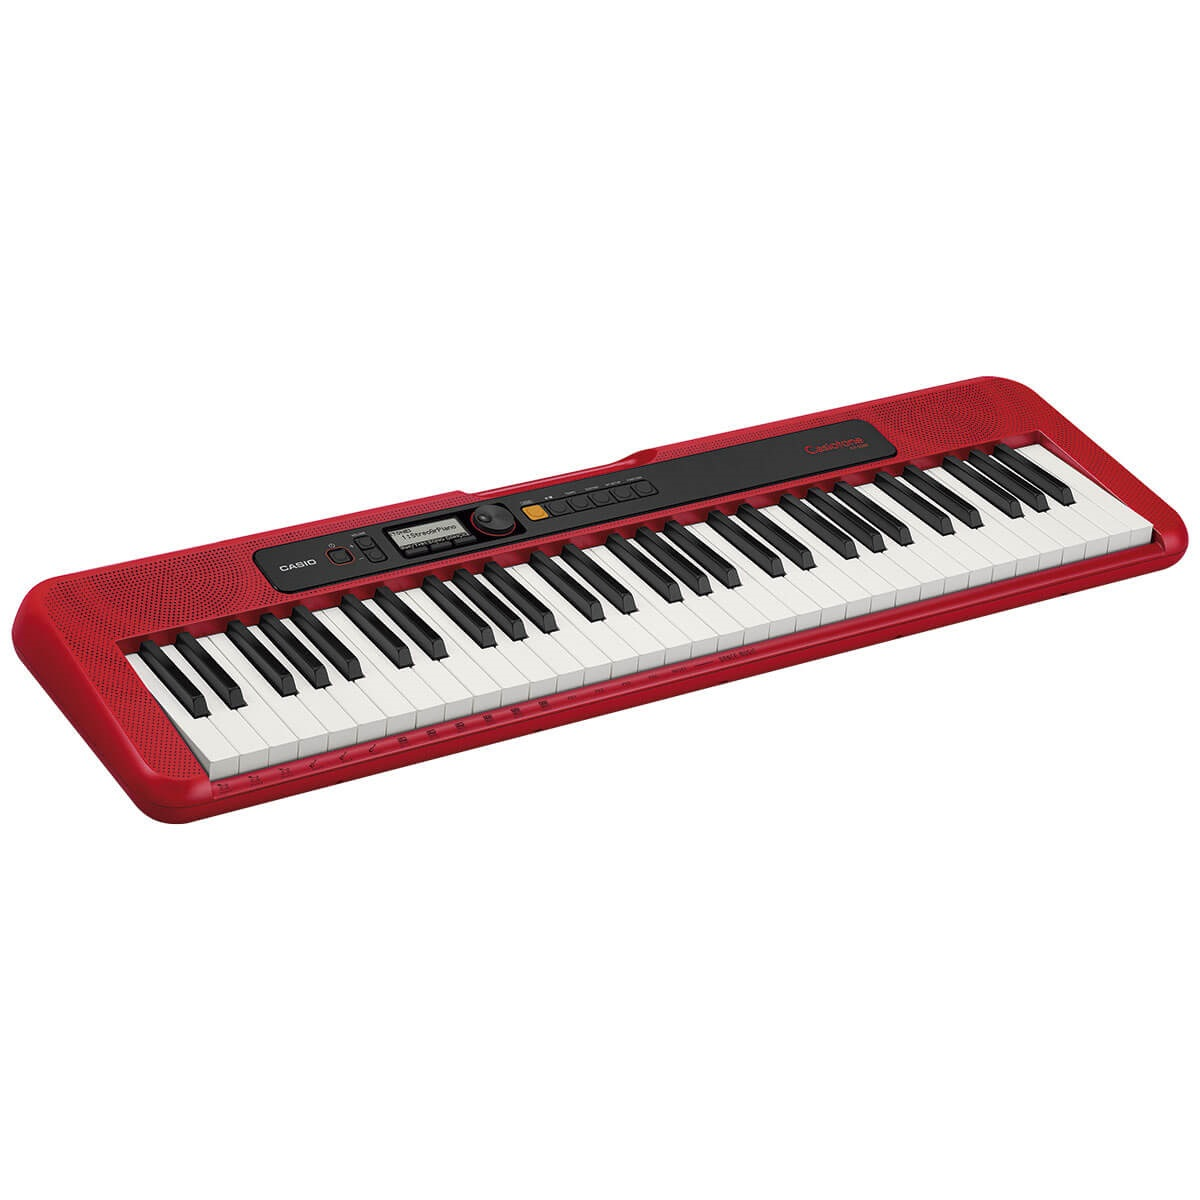 Teclado Musical Casio CT-S200RD Casiotone Vermelho 61 Teclas